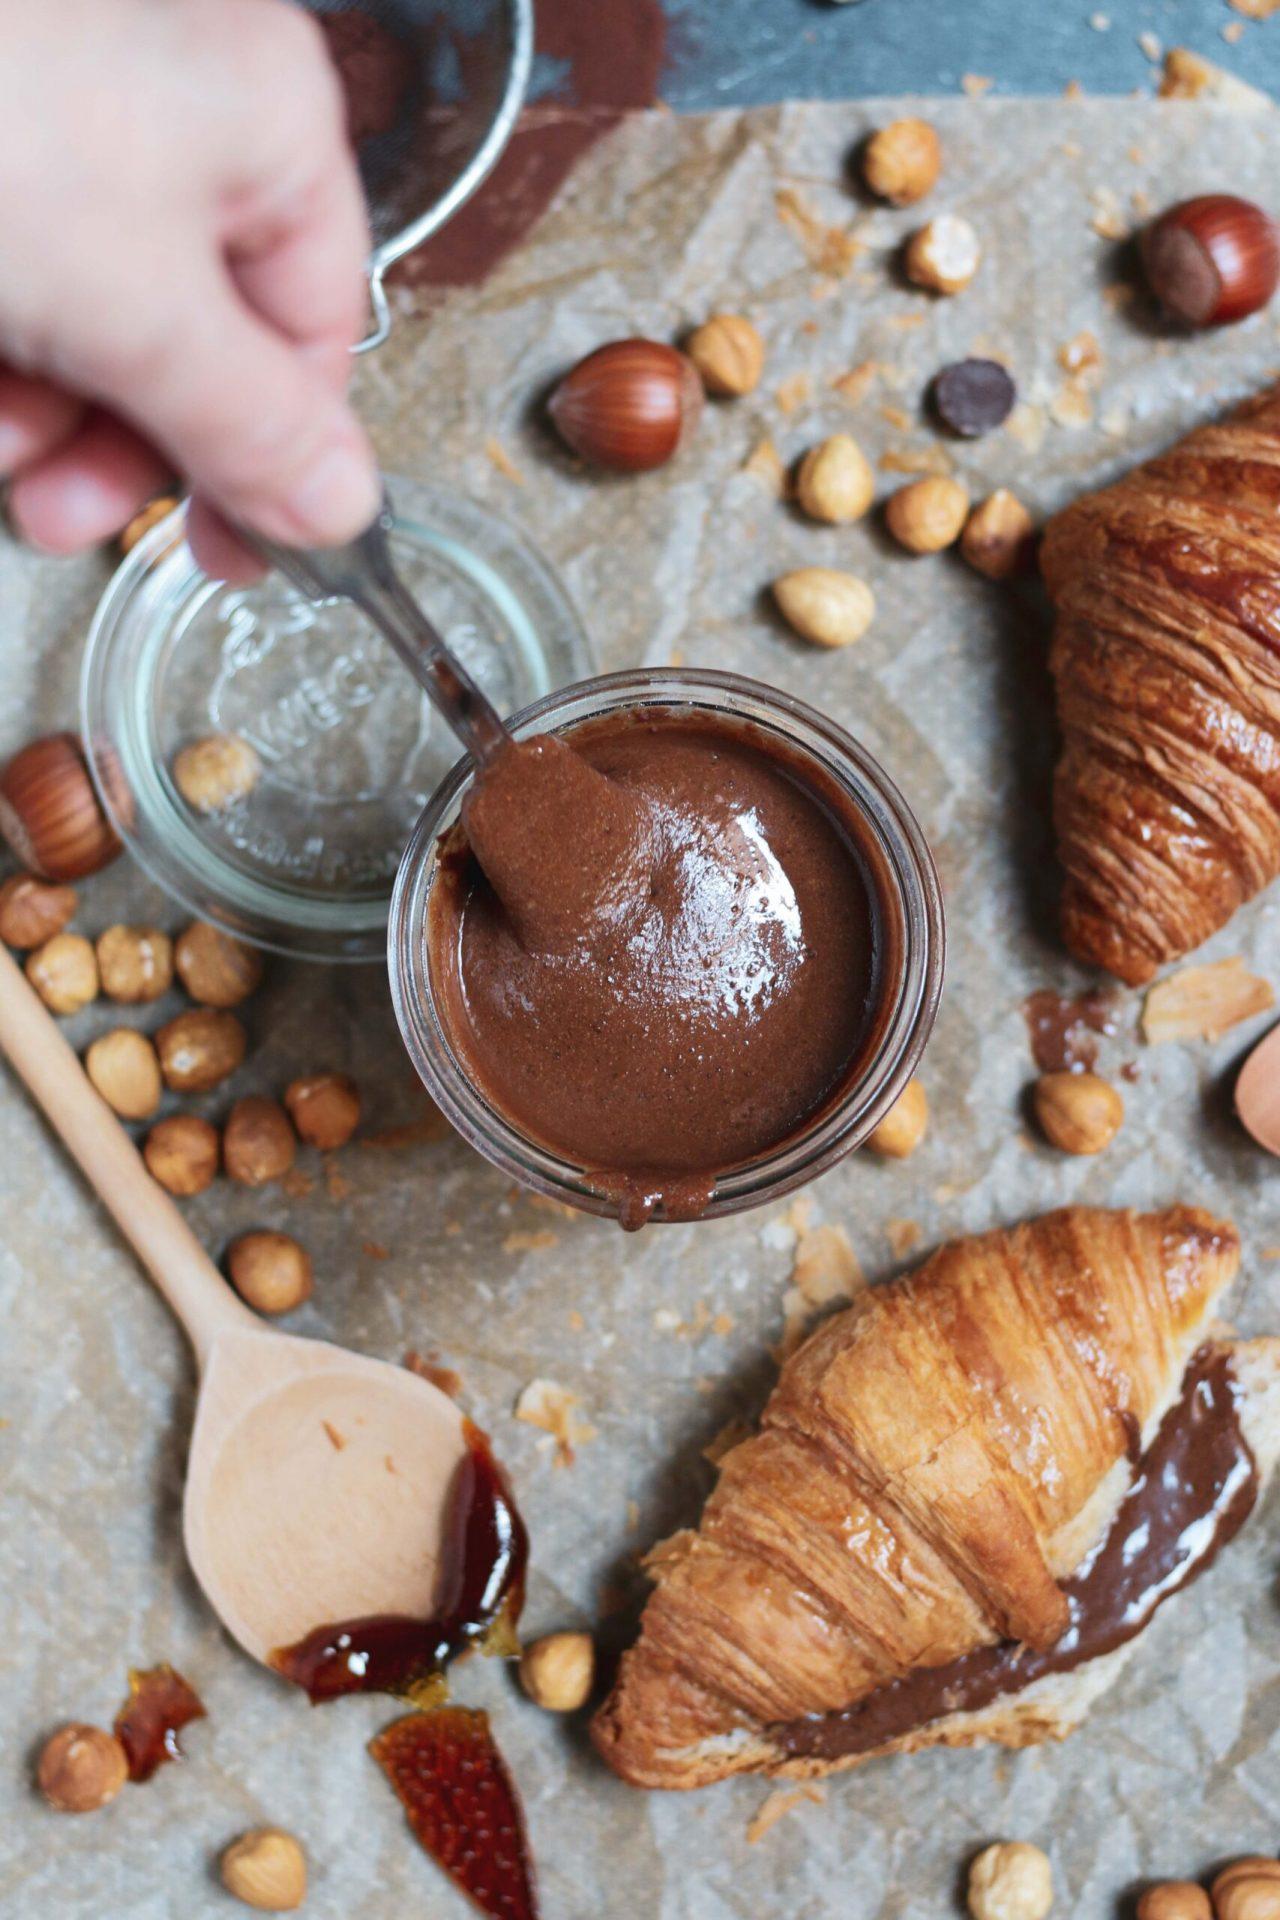 ממרח שוקולד אגוזי לוז נוטלה